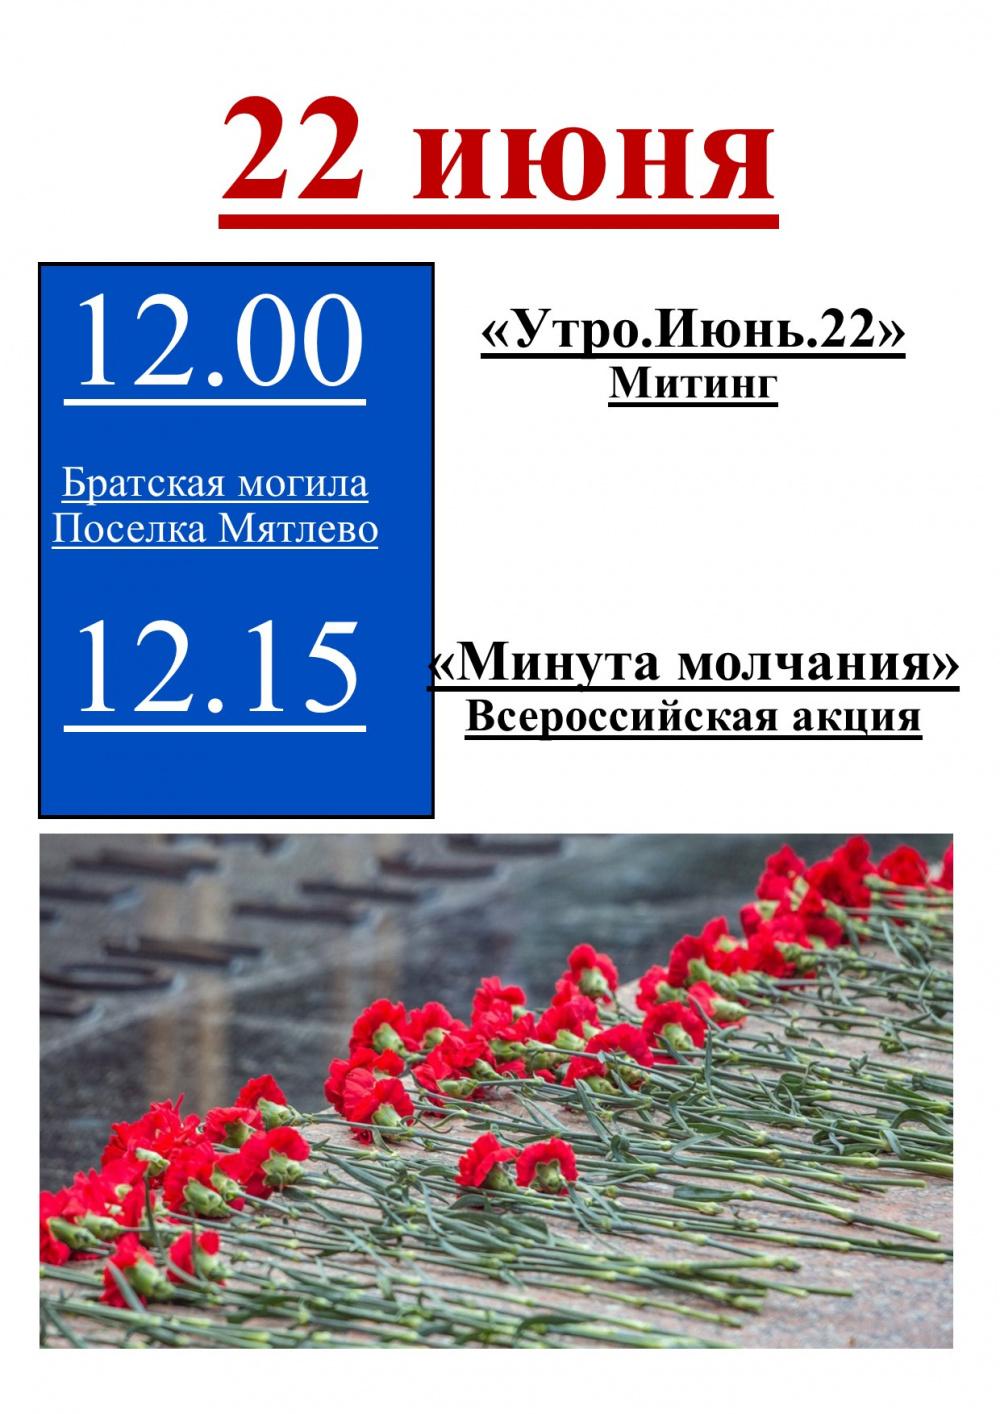 """Всероссийская акция """"Минута молчания"""" 22 июня"""